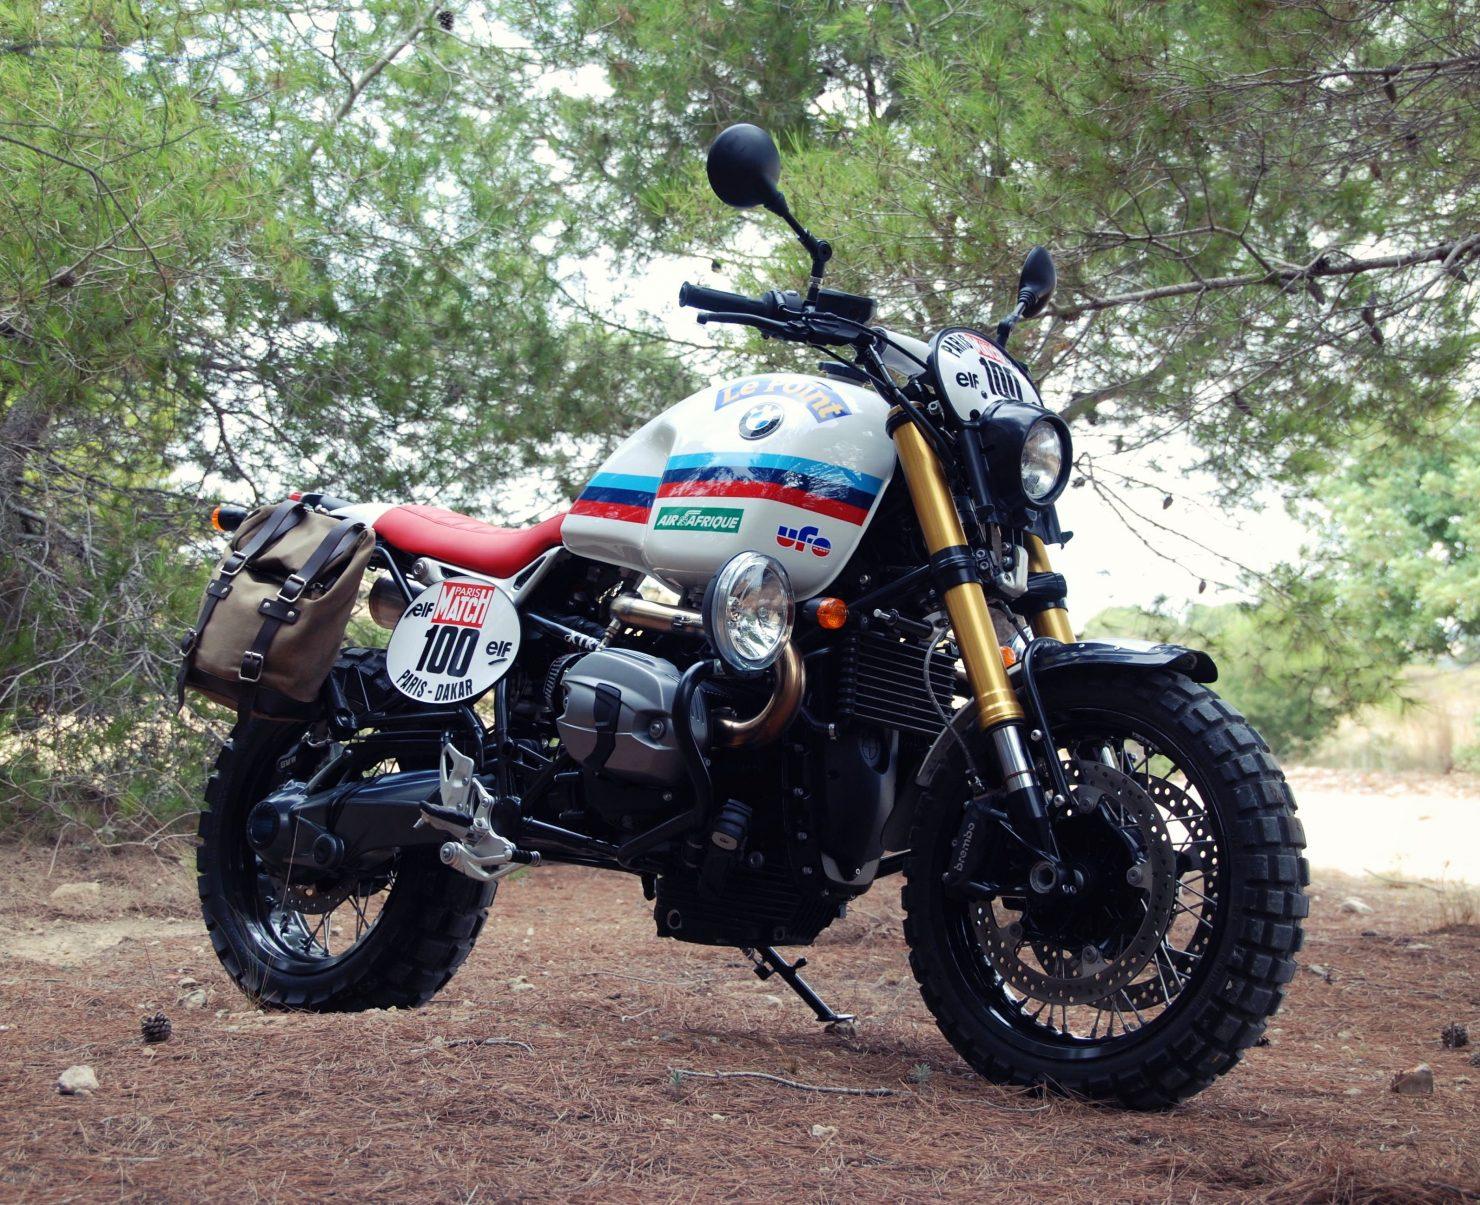 BMW R Nine T Custom Motorbike 17 1480x1205 - XTR Pepo BMW R nineT Paris Dakar